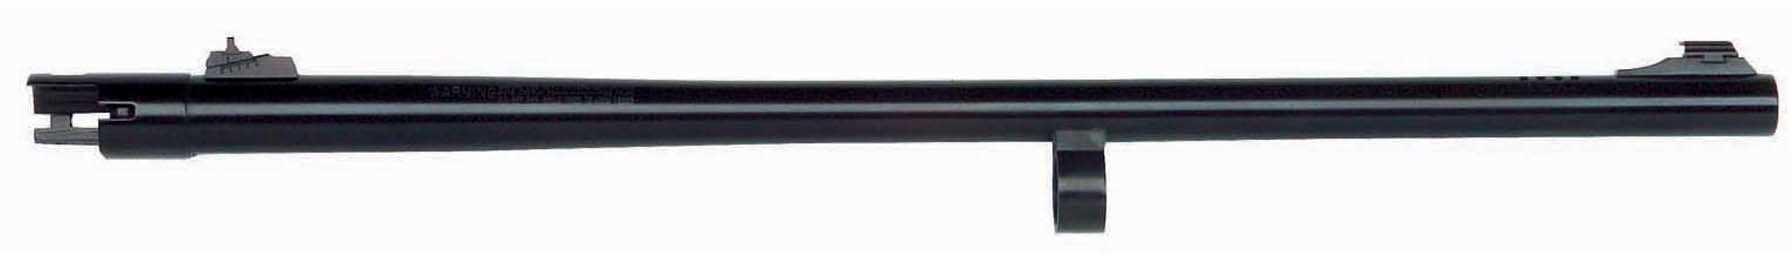 """Mossberg 835 Barrel Slug 12 Gauge, Rifle Sights, 24"""" Blue Md: 92802"""